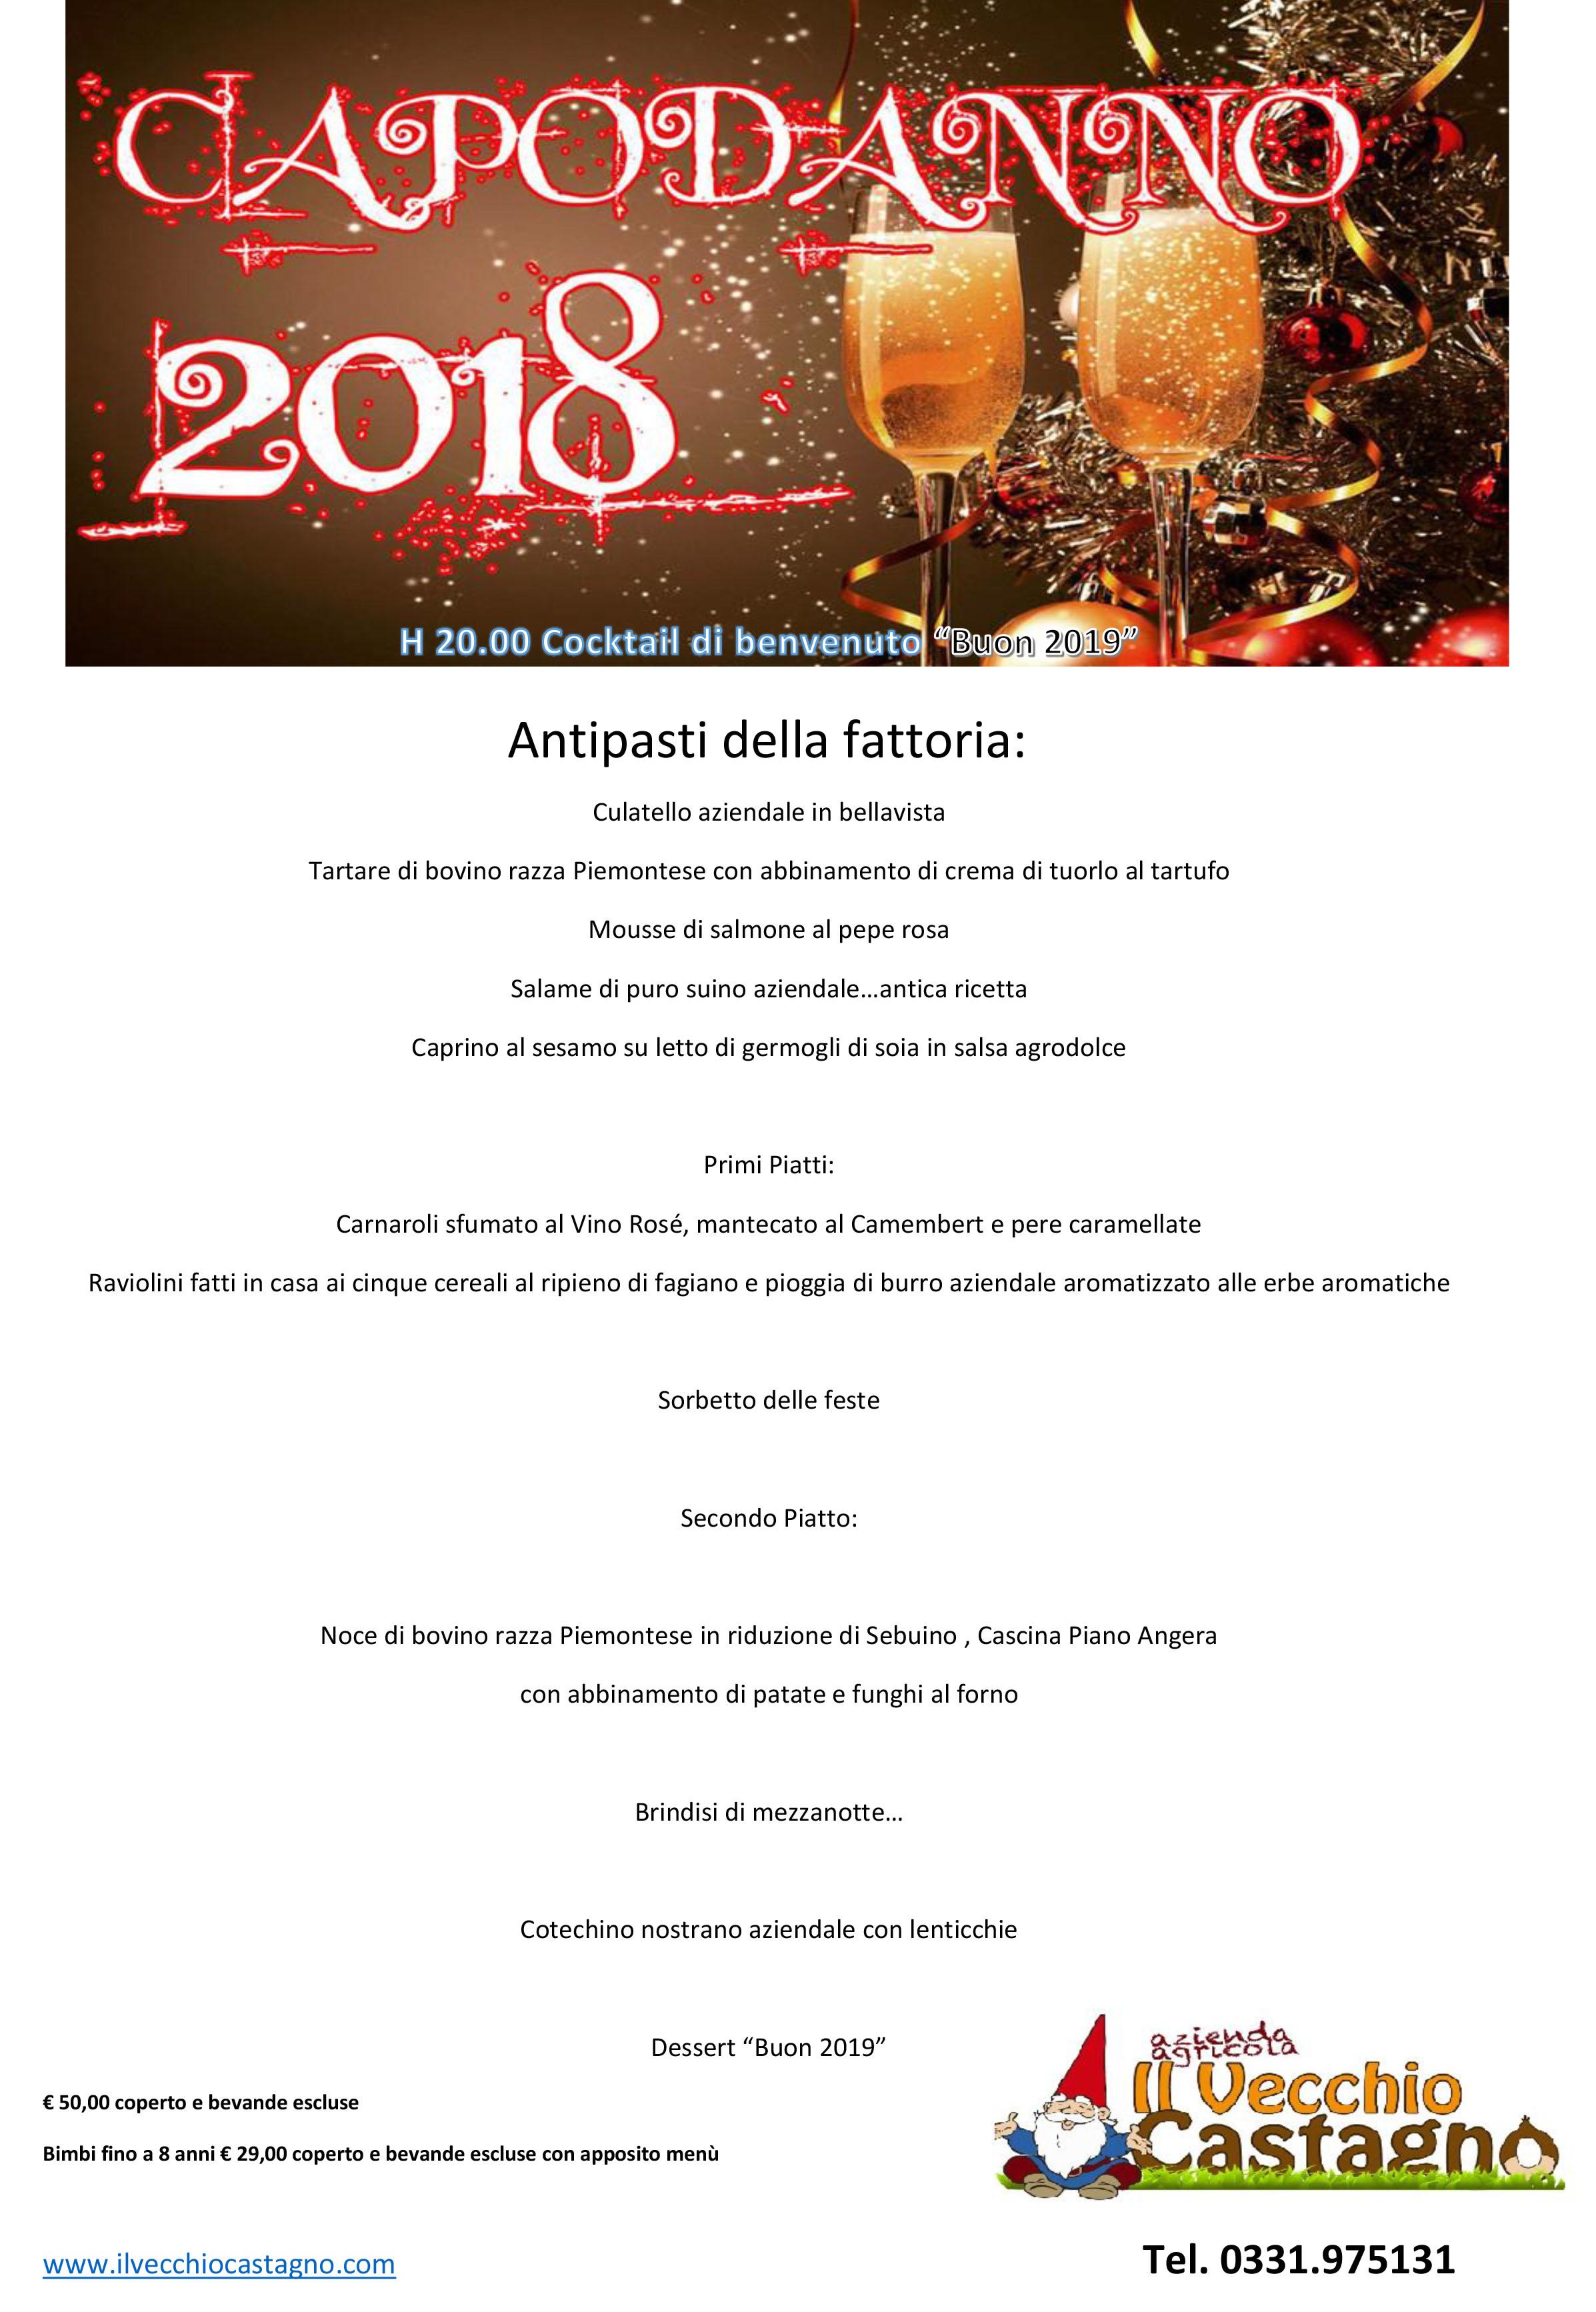 Menu Cenone Capodanno 2018